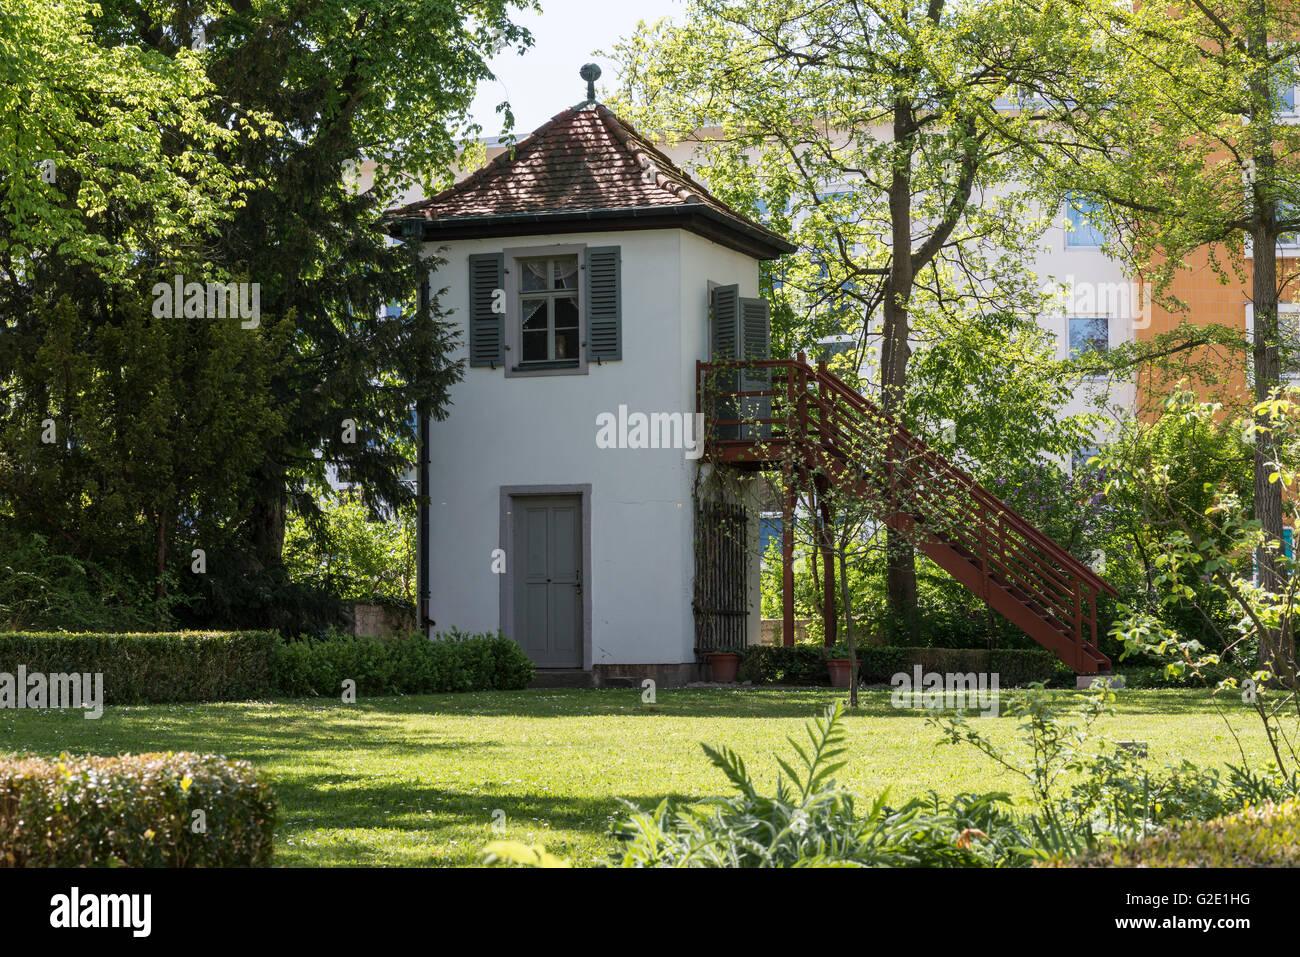 Torre, Gartenzinne, casa jardín con estudio de Friedrich Schiller, el jardín de la casa de Friedrich Schiller, Imagen De Stock